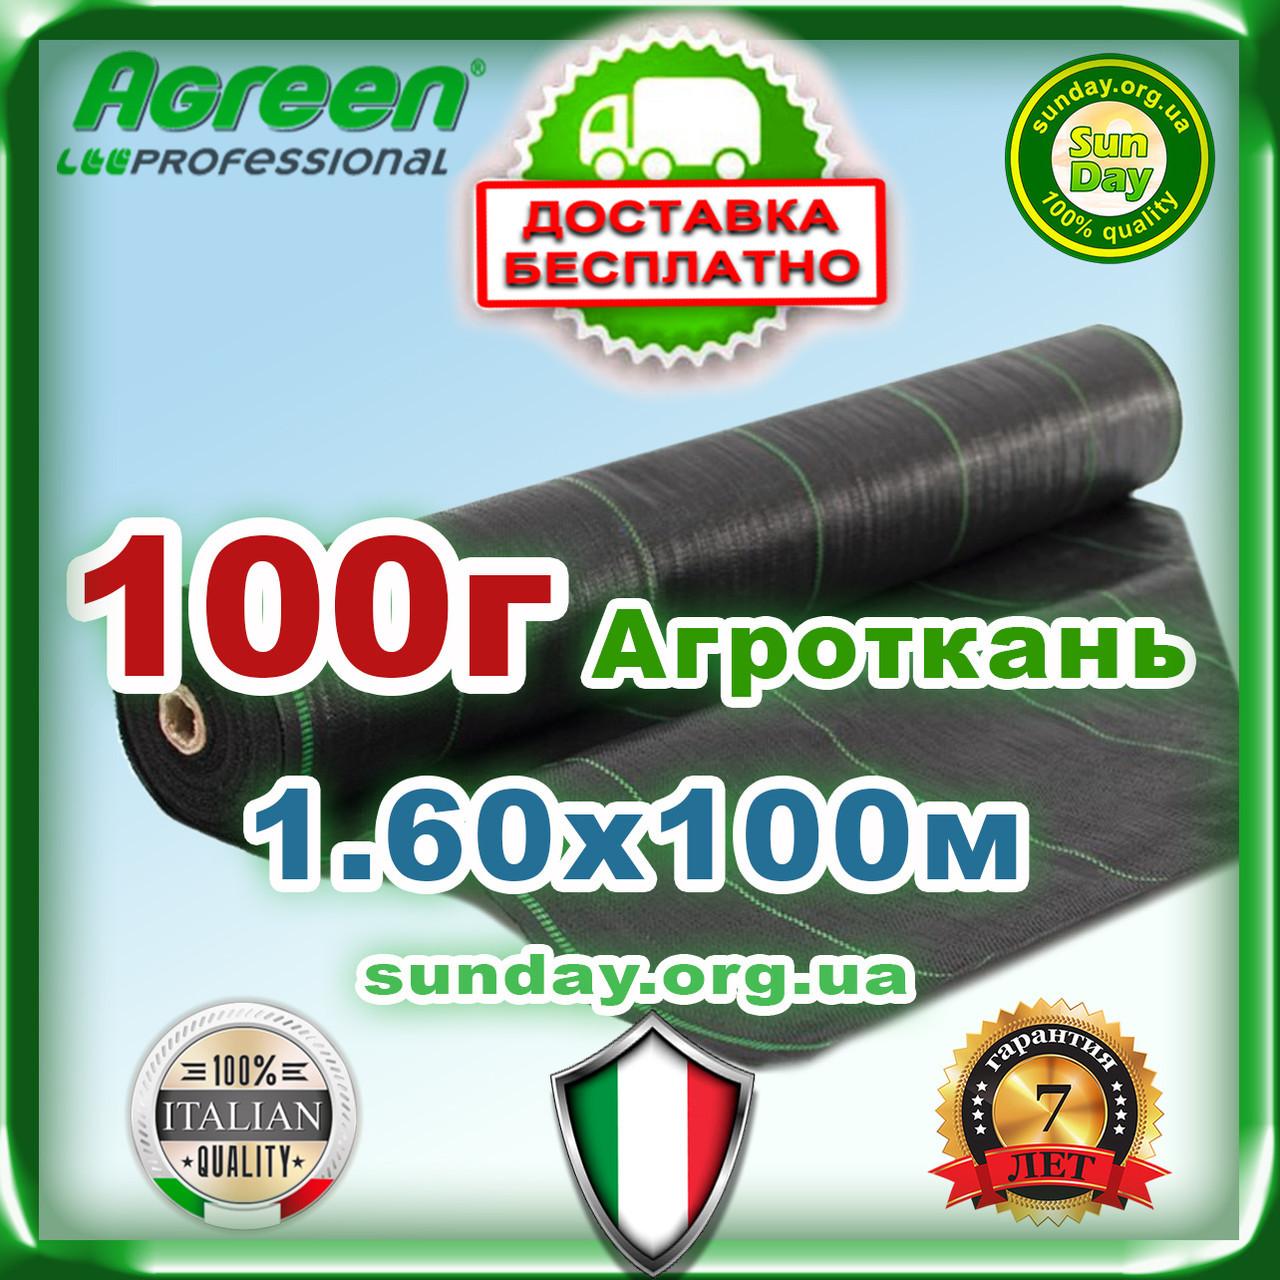 Агроткань 1,60*100м 100г/м.кв. Черная,плотная. Мульчирование почвы. Бесплатная доставка новой почтой